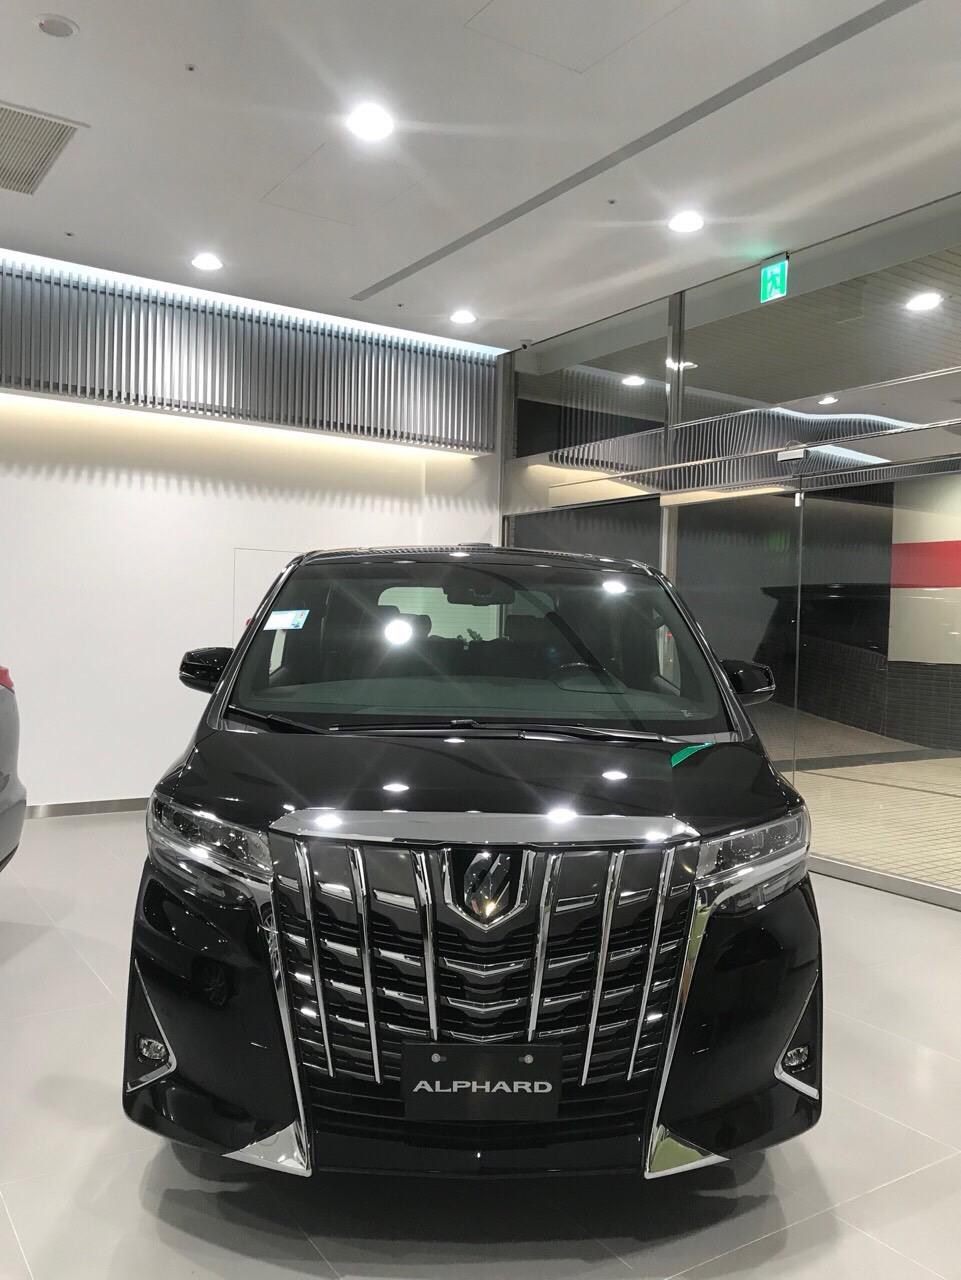 Bán Toyota Alphard Executive Lounge 3.5L, sản xuất năm 2019, xe nhập khẩu nguyên chiếc mới 100%. Xe giao ngay